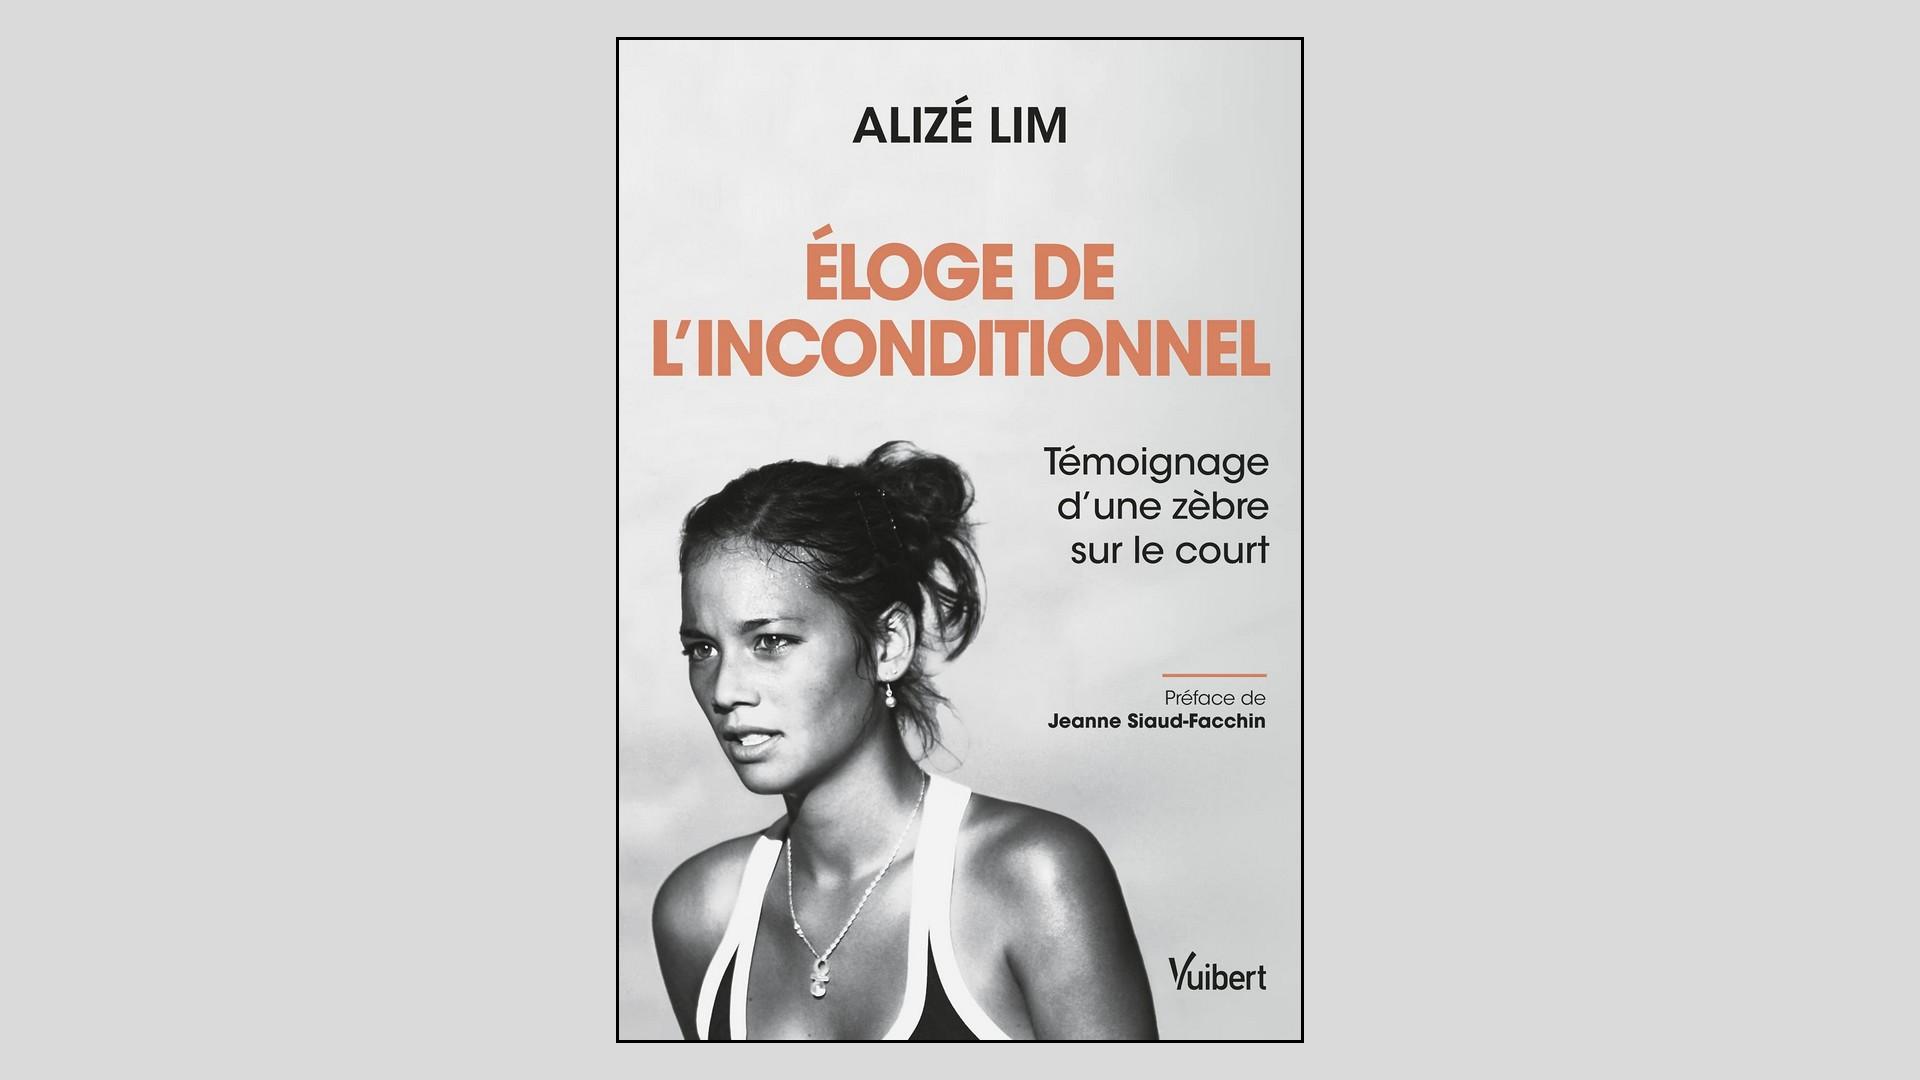 Livres – Eloge de l'inconditionnel – Alizé Lim (2021)